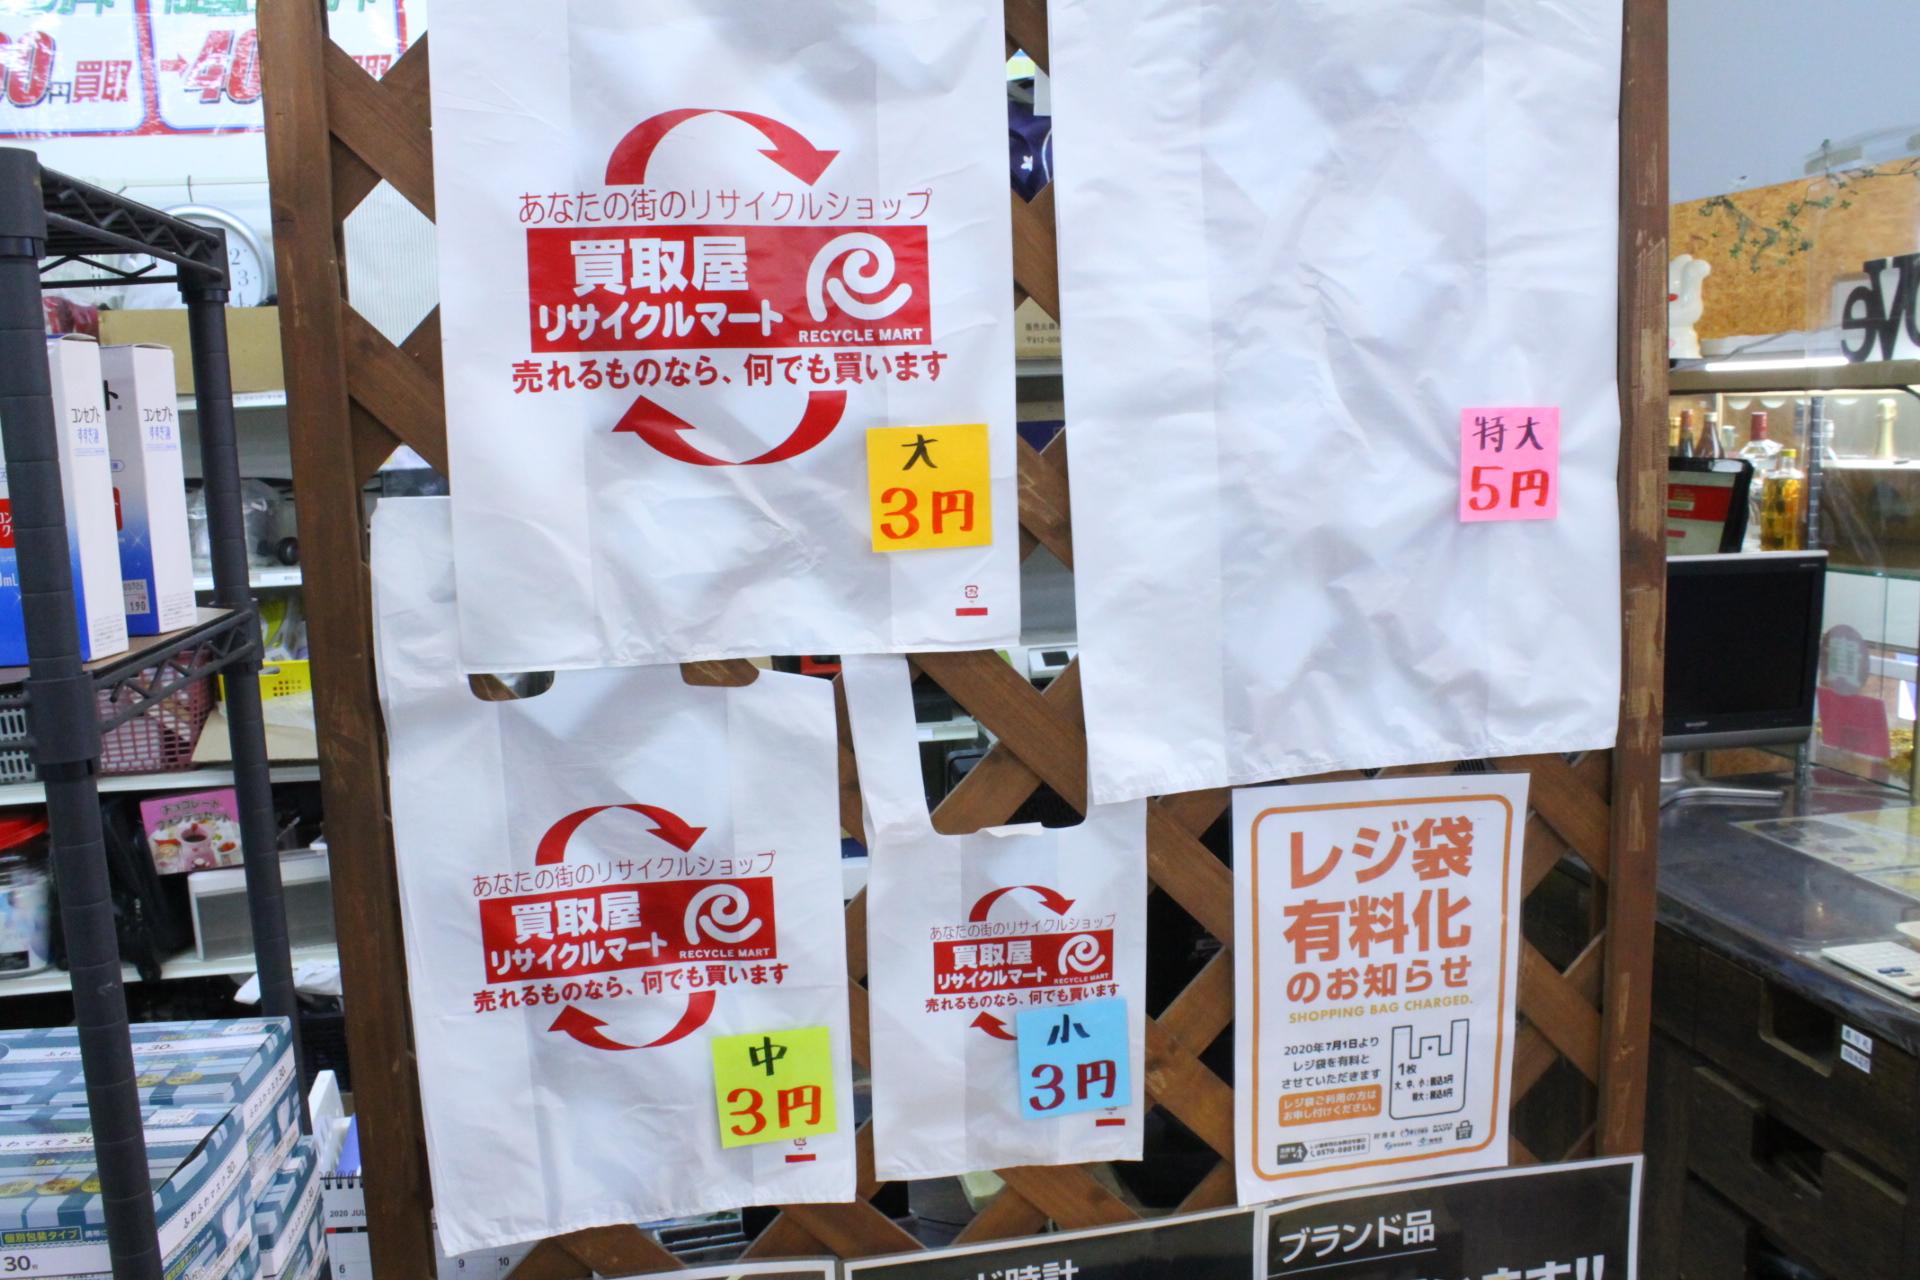 ☆2020年7月1日よりレジ袋有料化となります!